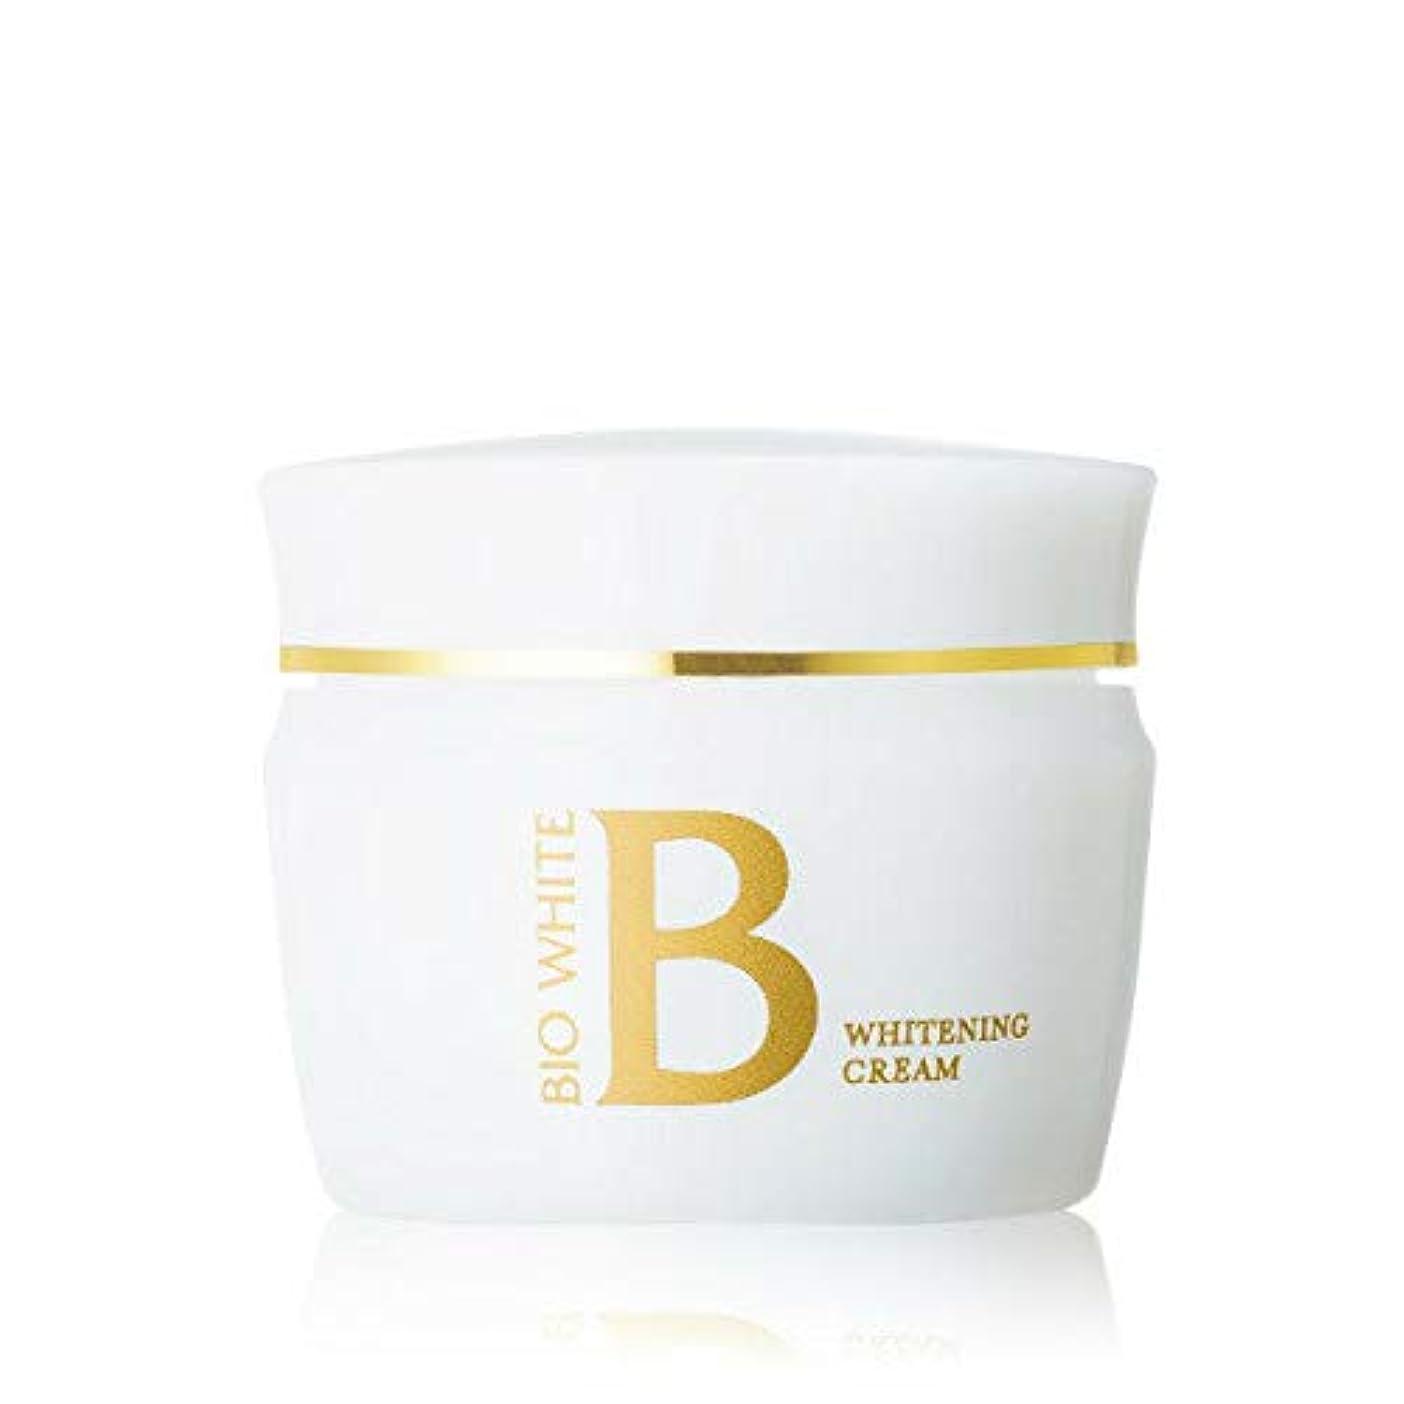 歌海藻然としたエビス化粧品(EBiS) エビス ビーホワイトクリーム 40g 美白クリーム トラネキサム酸 配合 医薬部外品